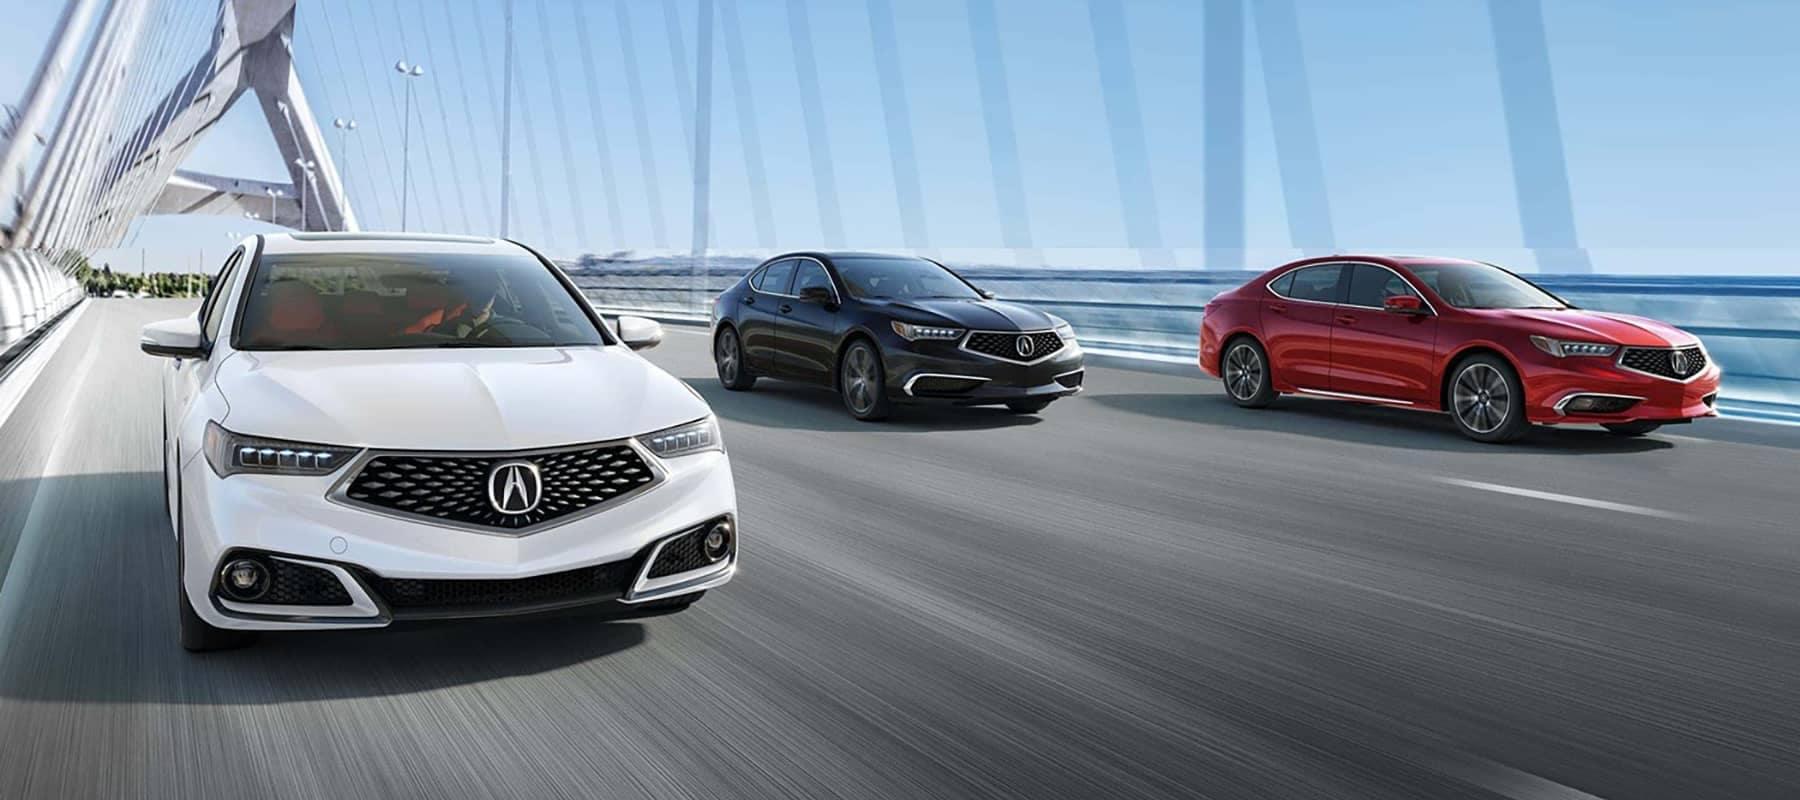 2019 Acura TLX Trio